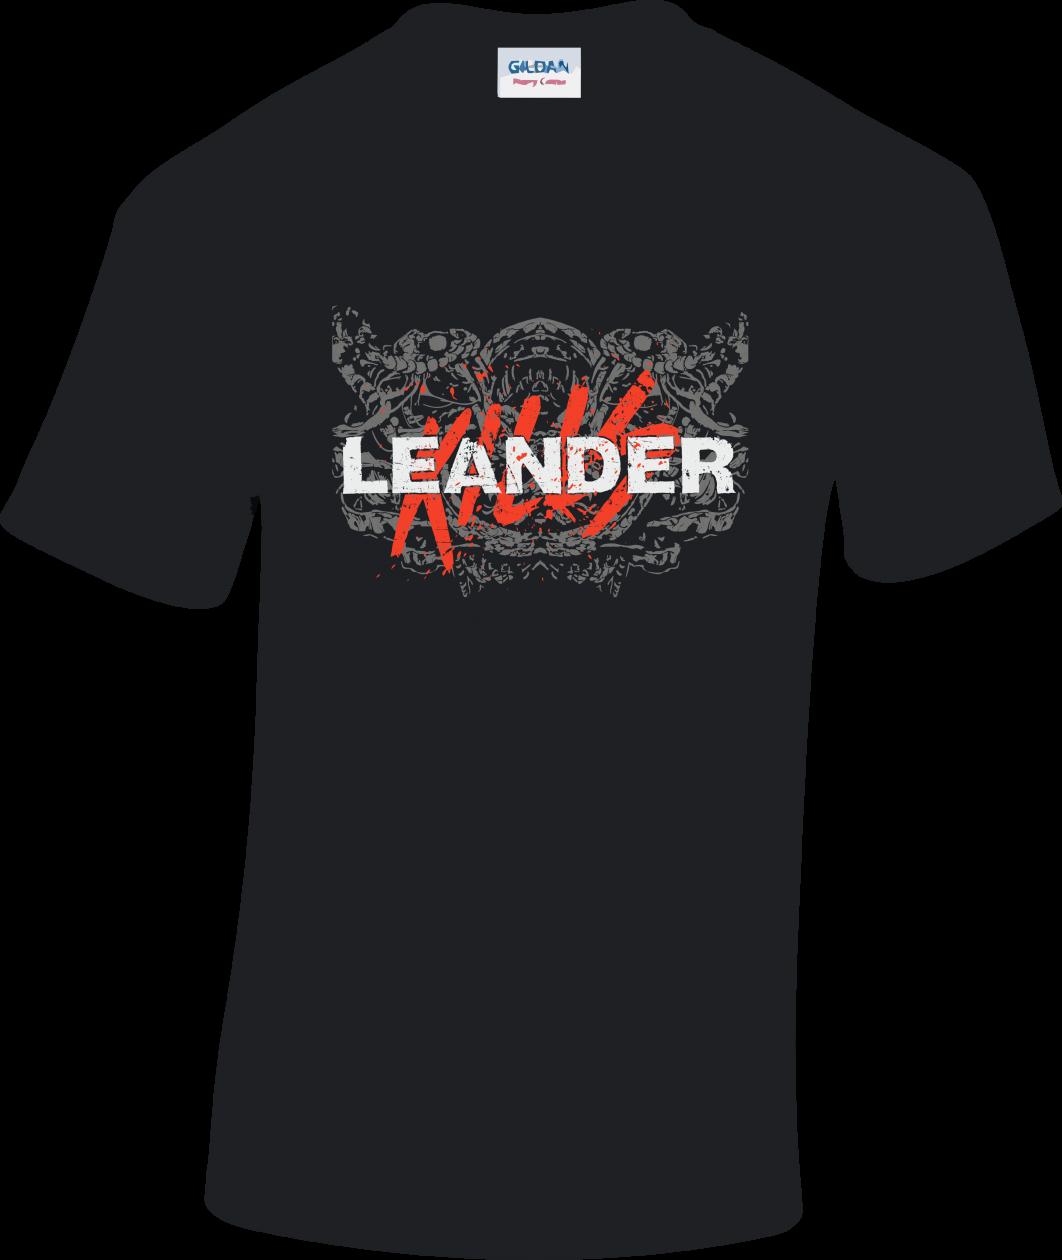 LeanderKills - Logo póló